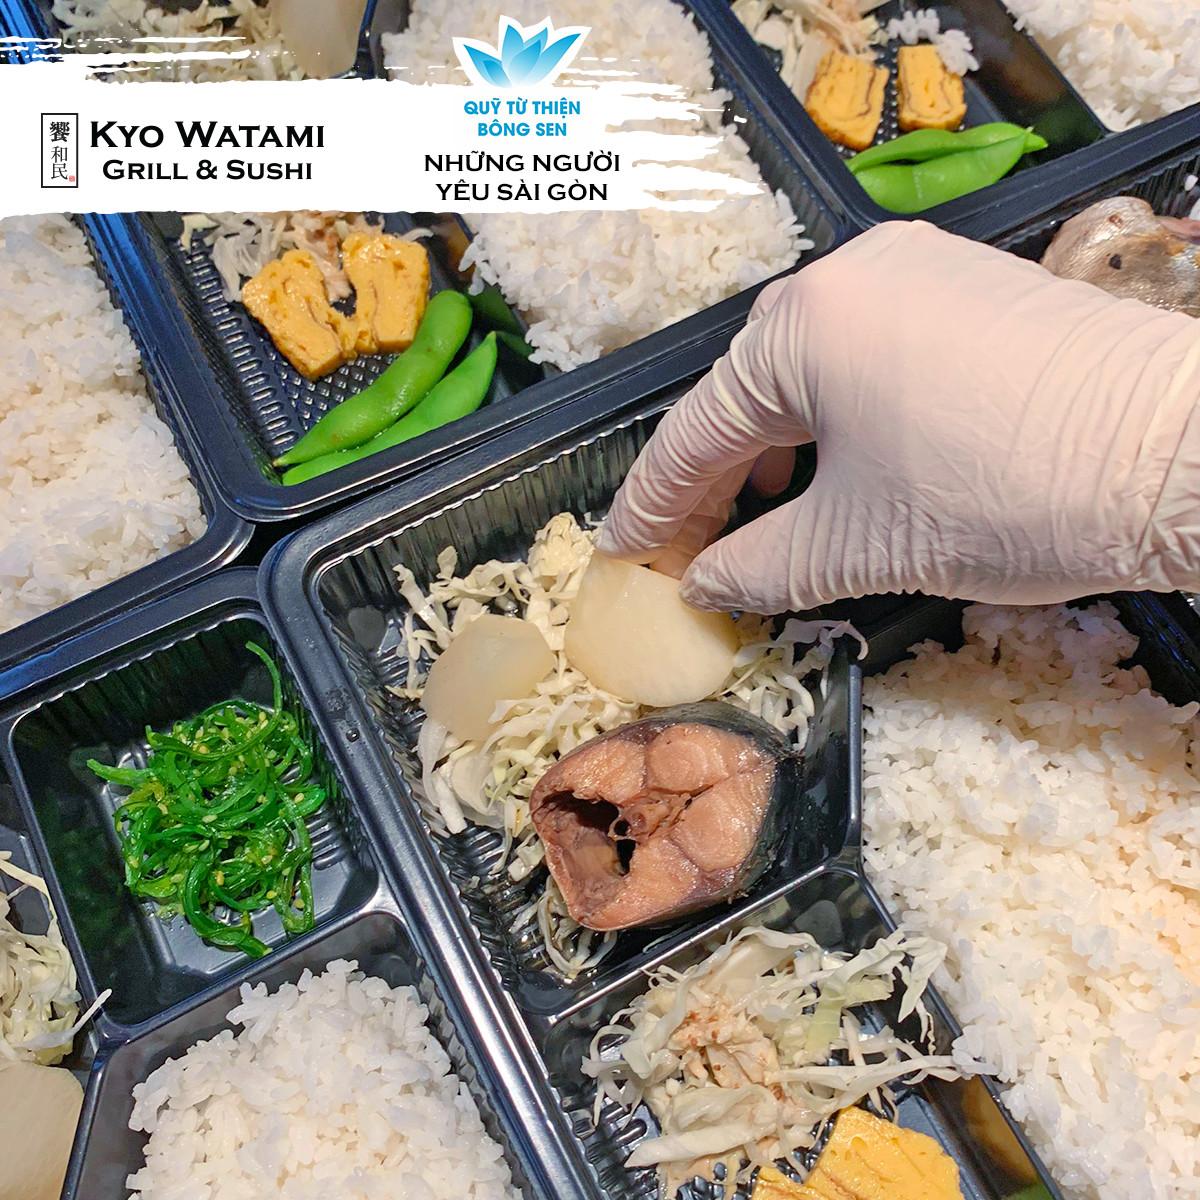 Quỹ Bông Sen Vàng đồng hành cùng SonKim Retail & Kyo  Watami gửi 1,412 suất ăn đến bệnh viện chợ rẫy